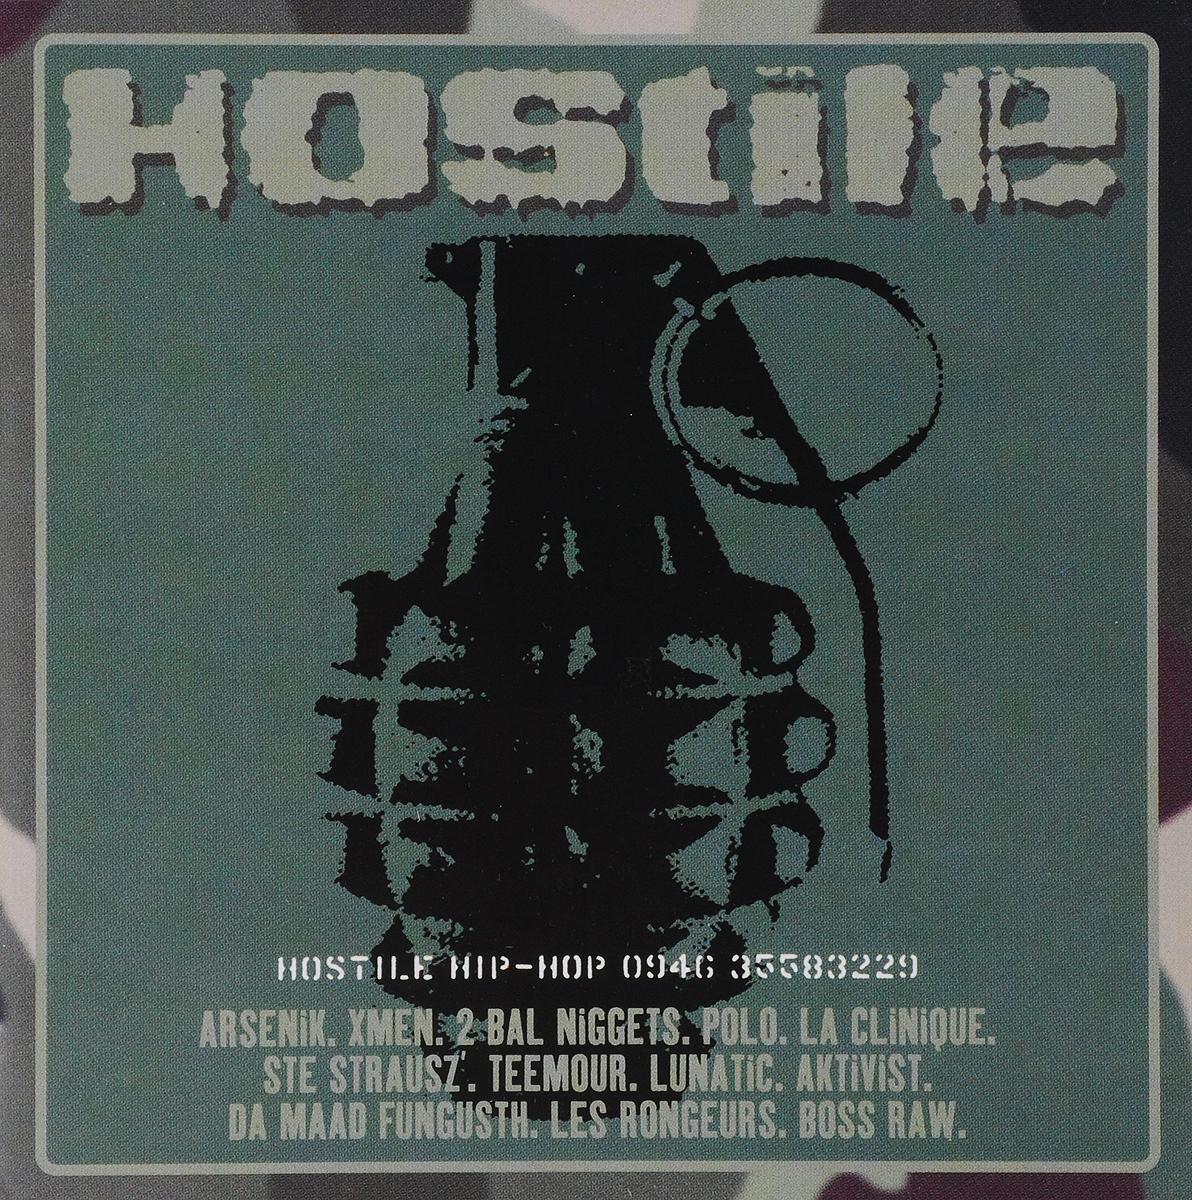 Hostile Hip Hop javk mckinney hostile takeover